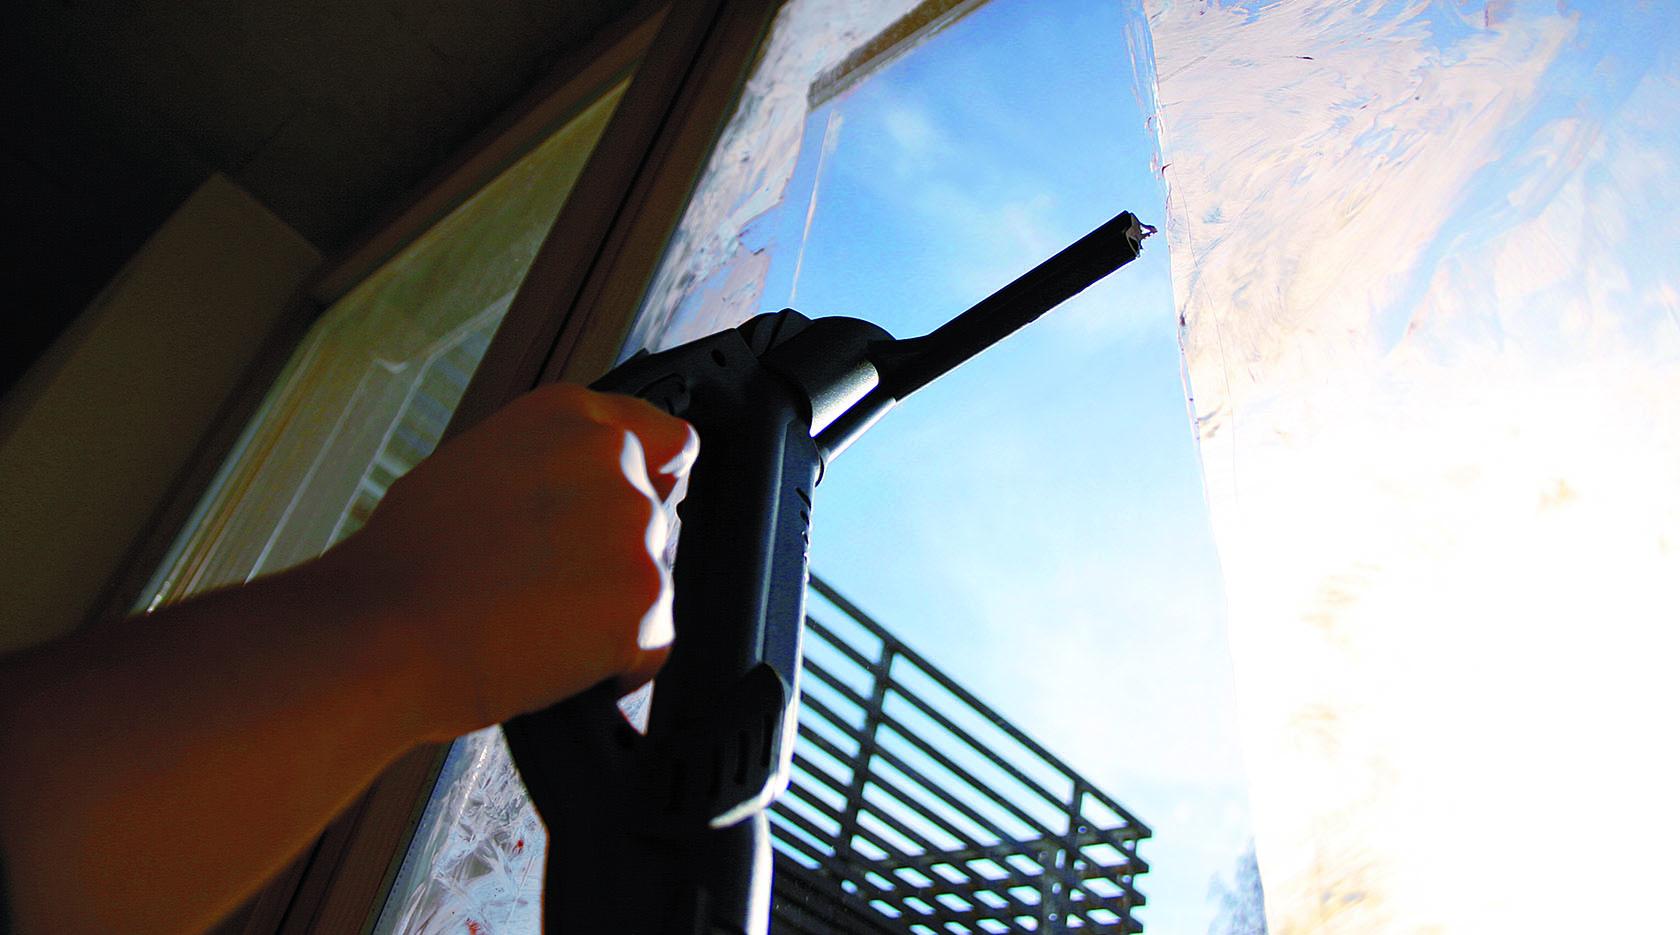 Full Size of Dampfreiniger Fenster Beam Produkte Auf Maß Mit Lüftung Rolladen Velux Rollo Insektenschutz Jemako Weihnachtsbeleuchtung Sonnenschutz Innen Jalousie Fenster Dampfreiniger Fenster